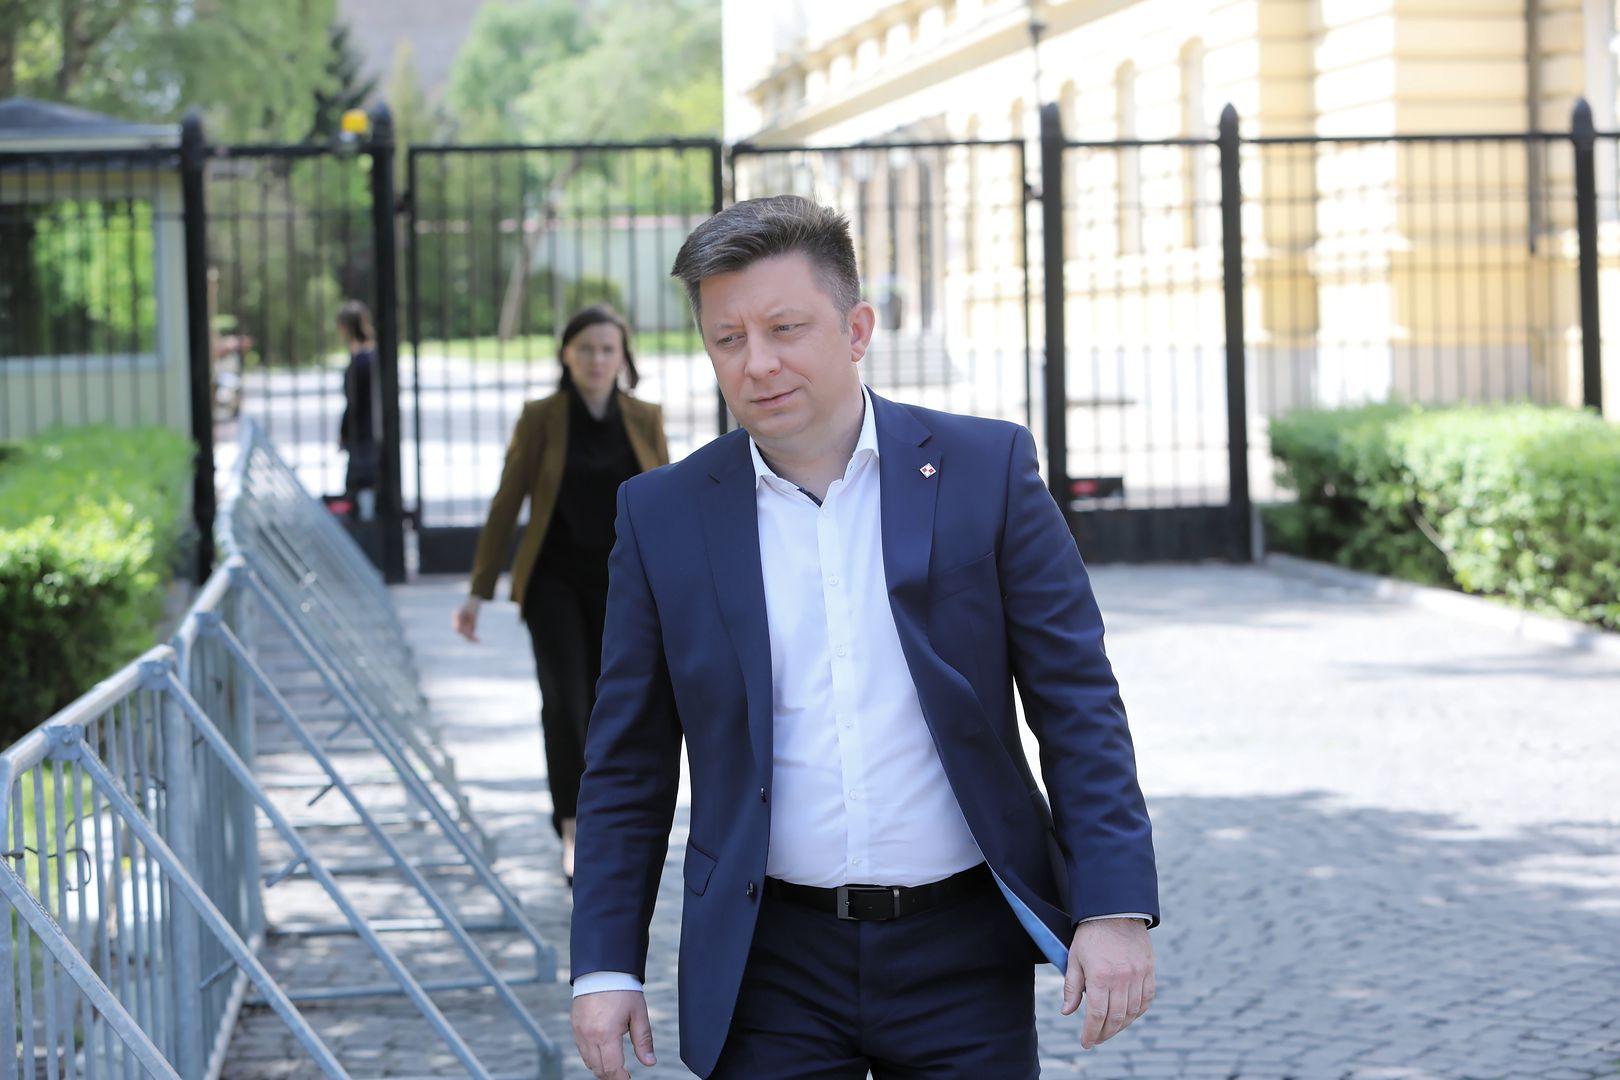 Michał Dworczyk zaatakowany przez hakerów. Rząd chciał użyć wojska do stłumienia Strajku Kobiet?